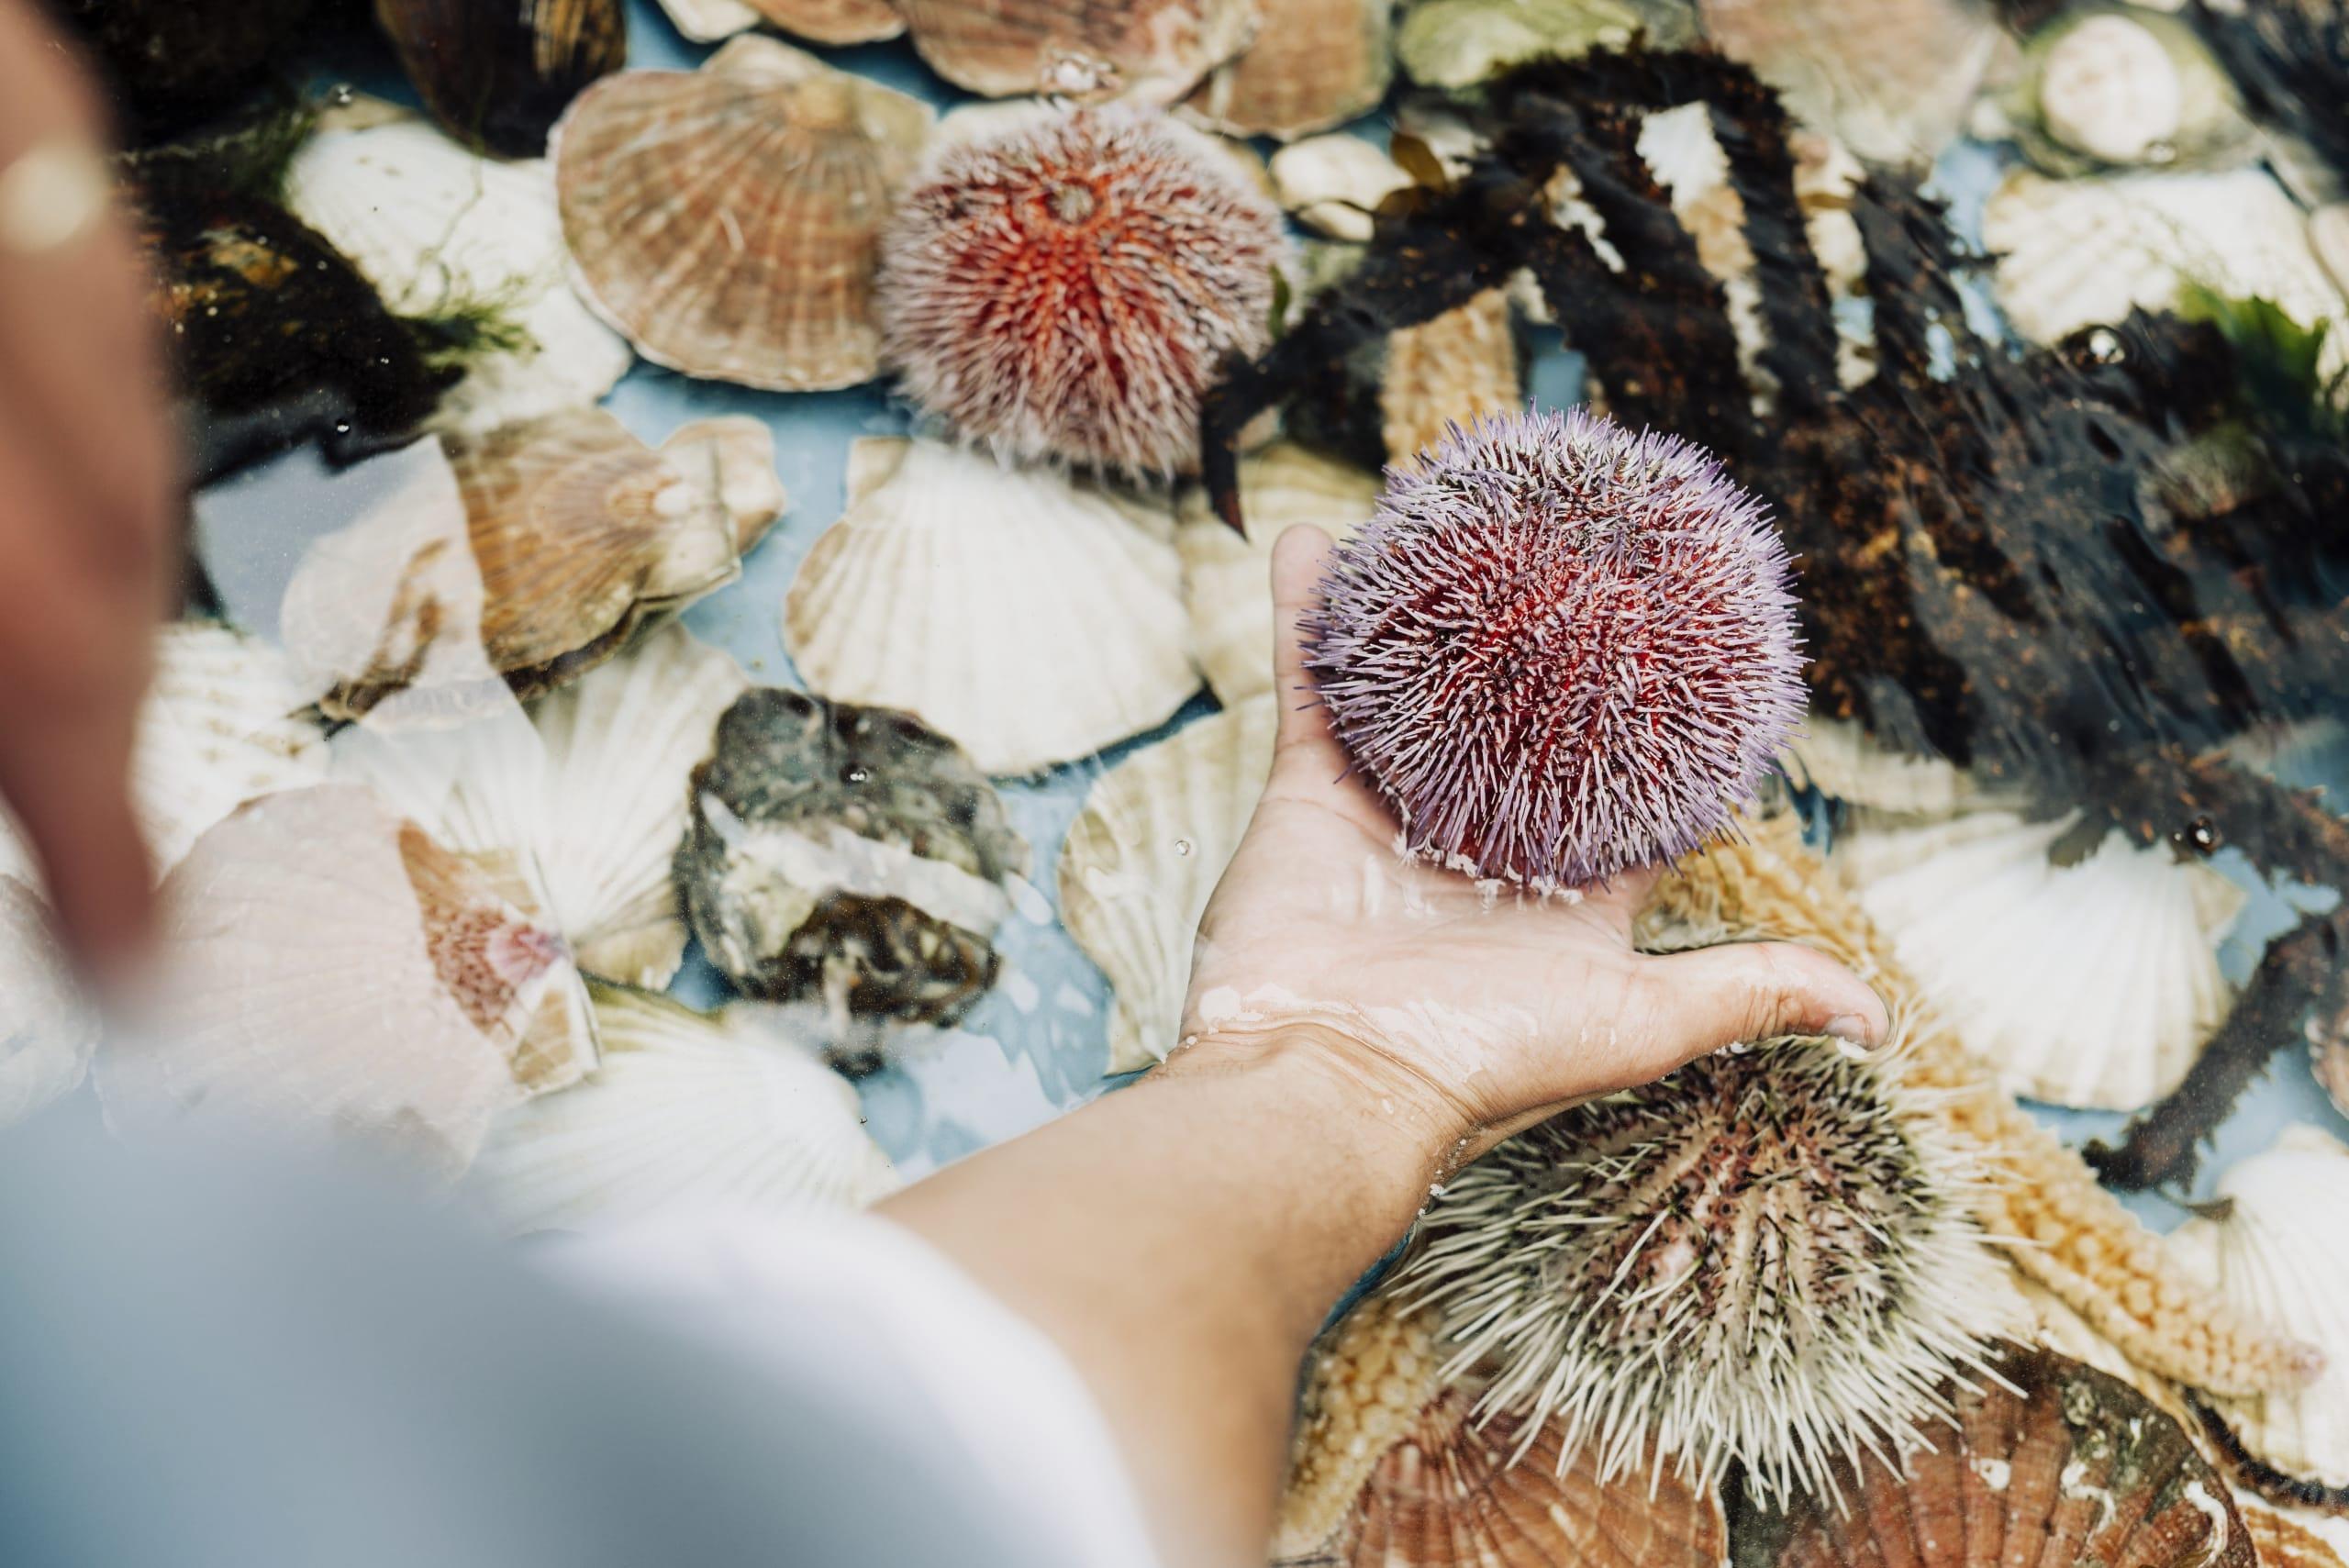 Sea urchins at Cornelius